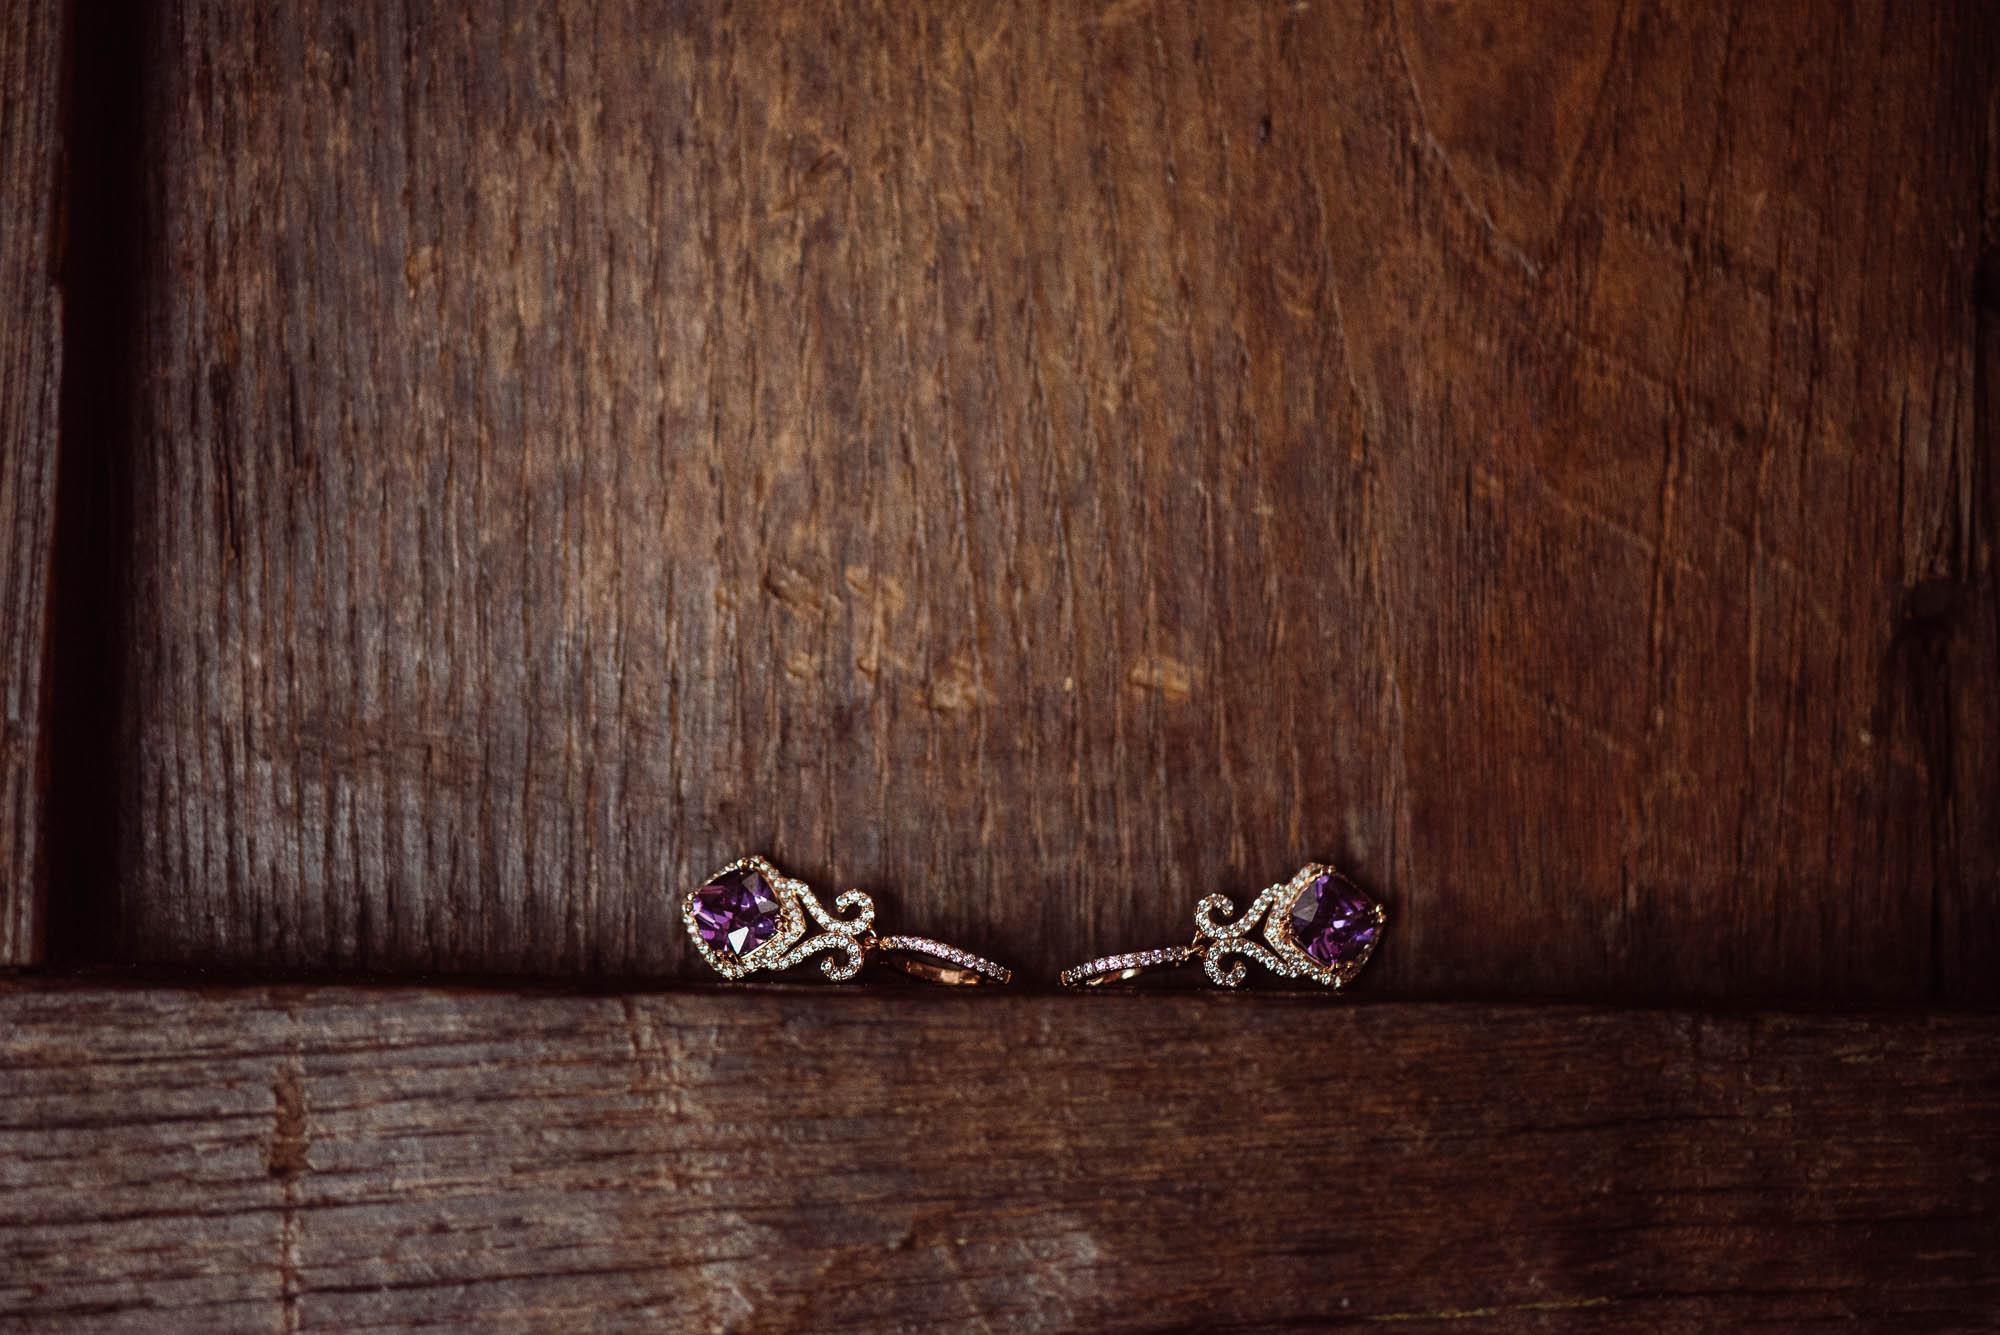 Detalle de los pendientes de la novia sobre madera rústica